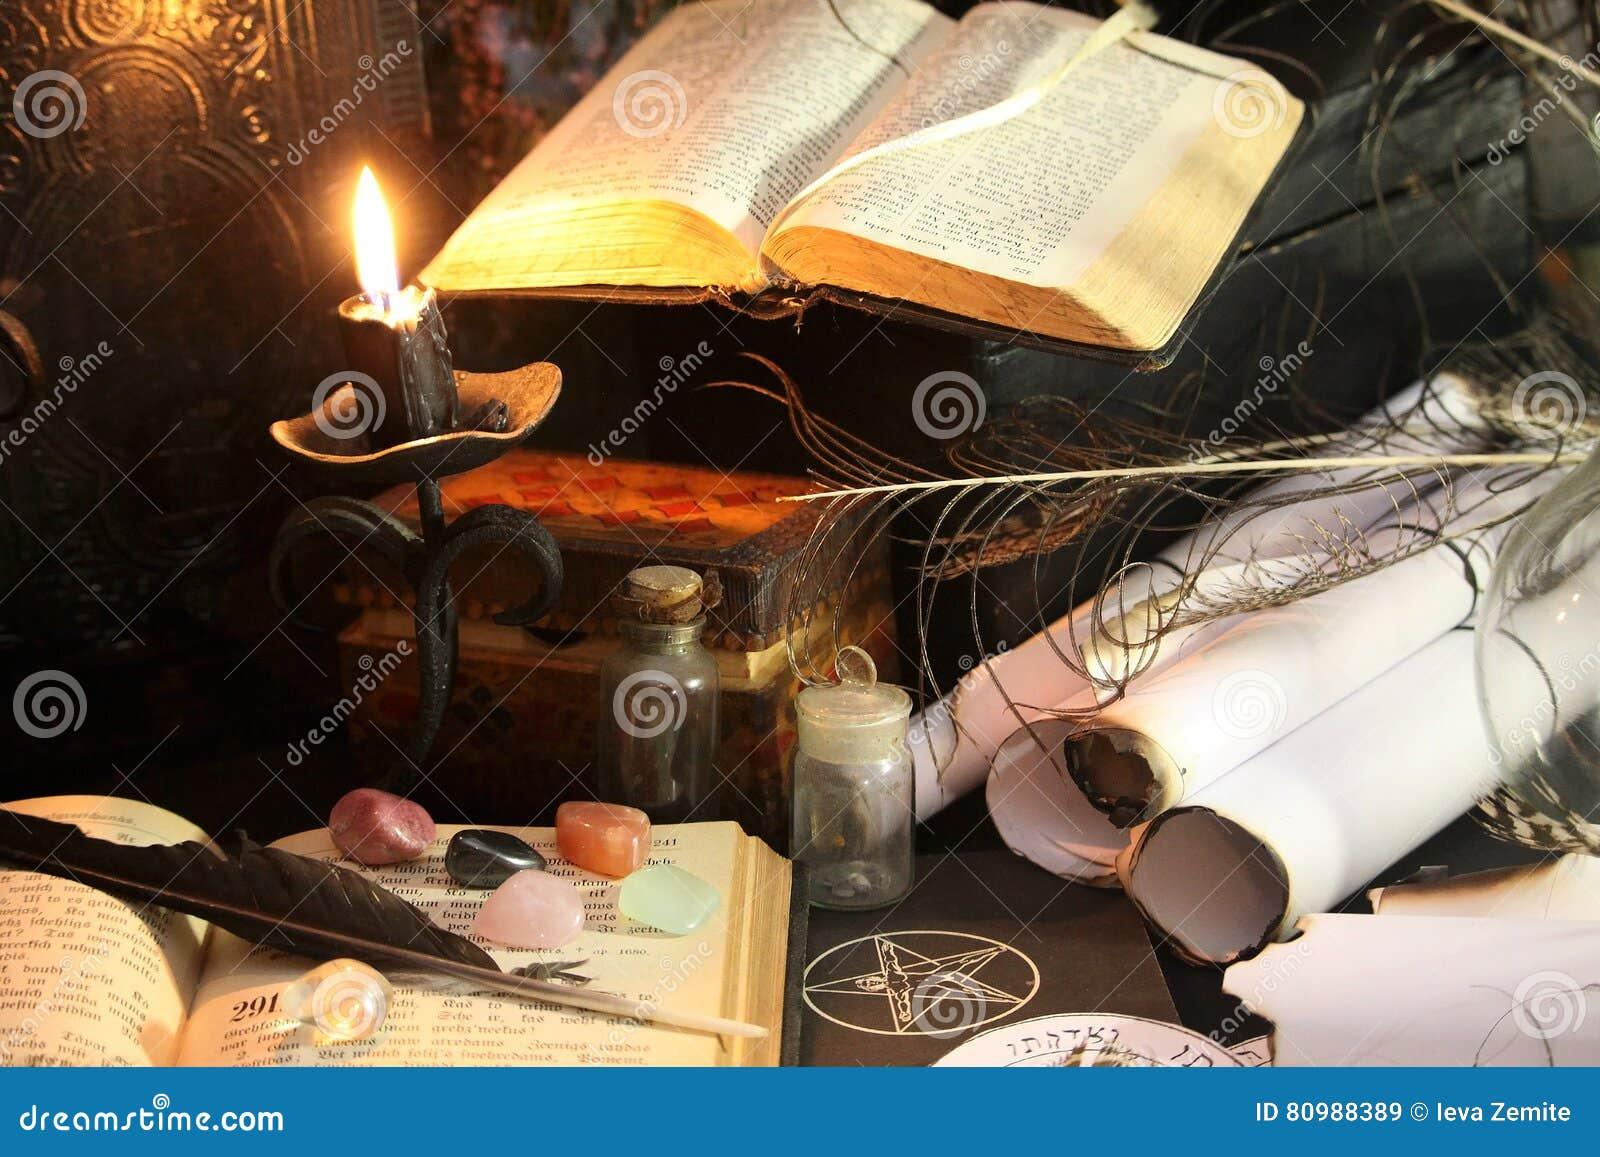 Black Magic Ritual stock image  Image of diablos, cards - 80988389